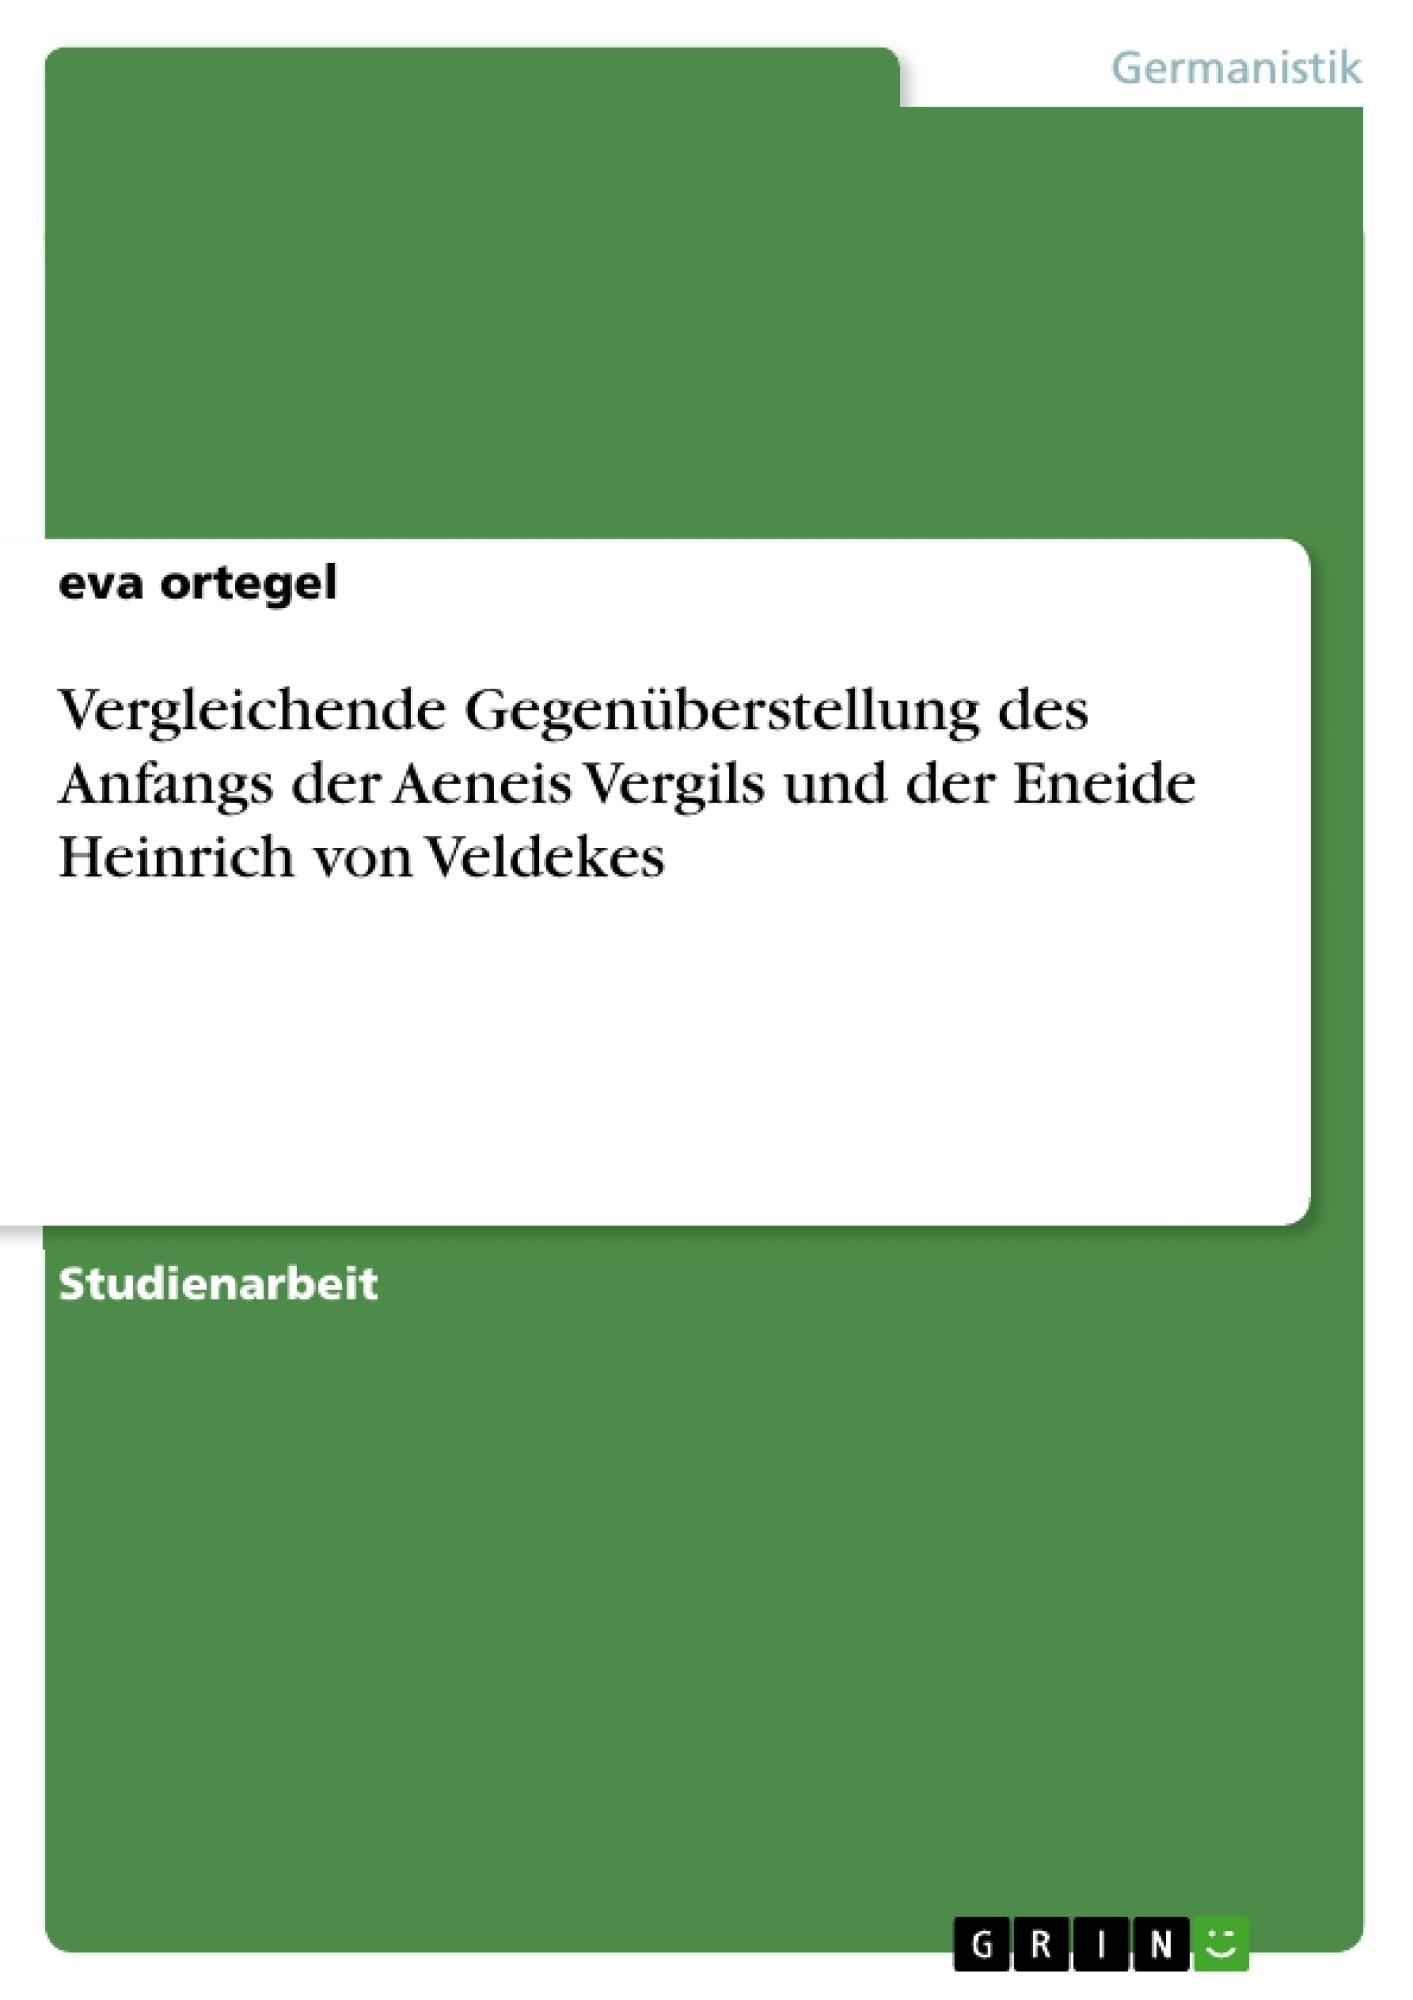 Titel: Vergleichende Gegenüberstellung des Anfangs der Aeneis Vergils und der Eneide Heinrich von Veldekes